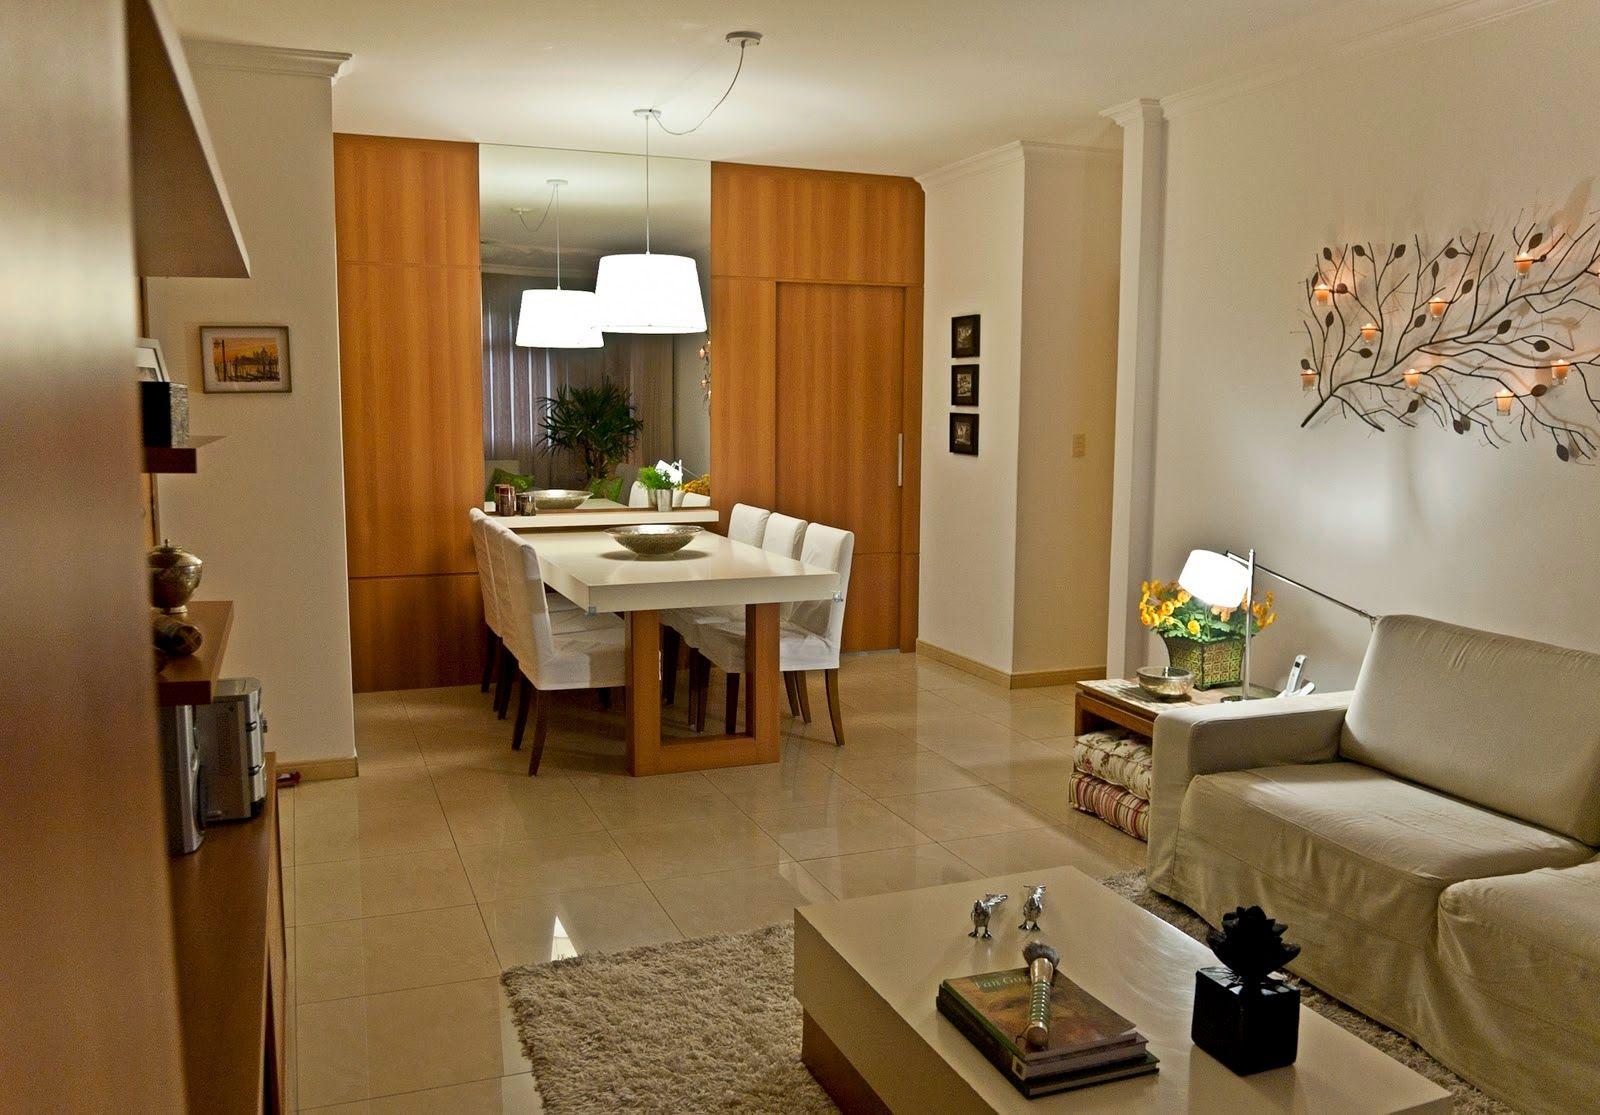 Meu Mini Ap Dica Aprendendo A Utilizar Melhor O Espa O Da Sala  -> Lustre Para Sala De Apartamento